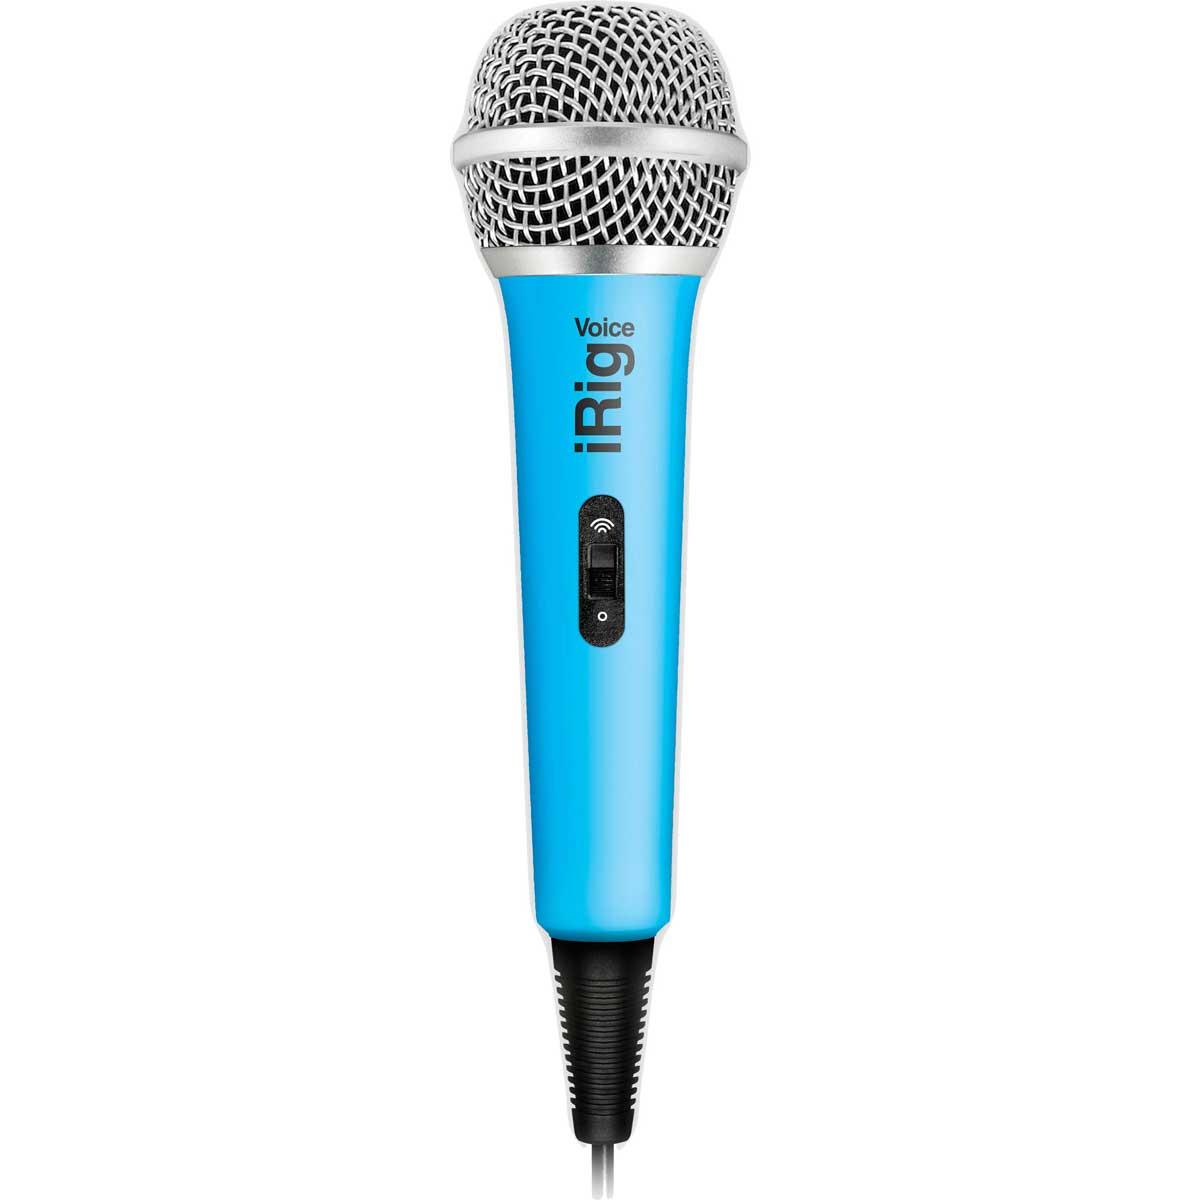 Billede af IK Multimedia iRig Voice mikrofontilsmartphone/tablet blå